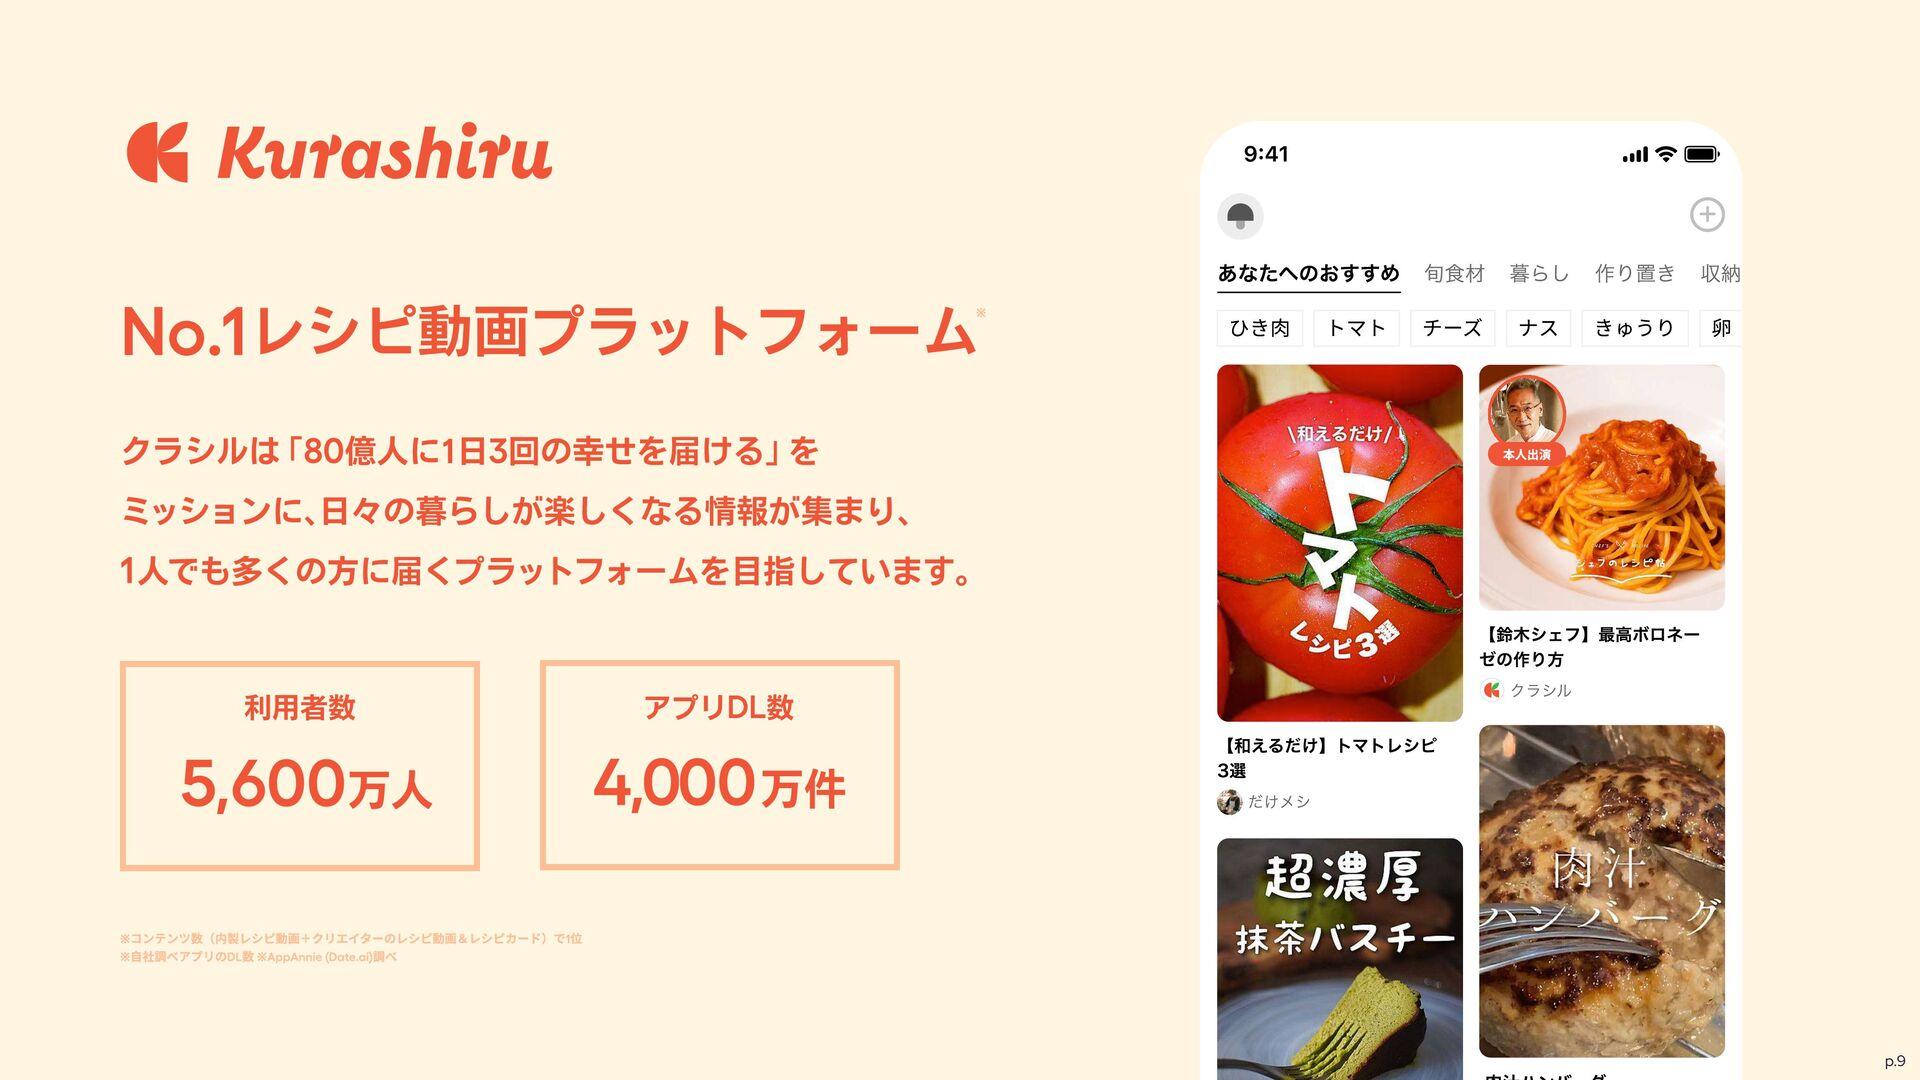 Value 世界中を熱狂させる熱量が高いサービスを創造し続け、お客様の幸せを生み出します。  ...